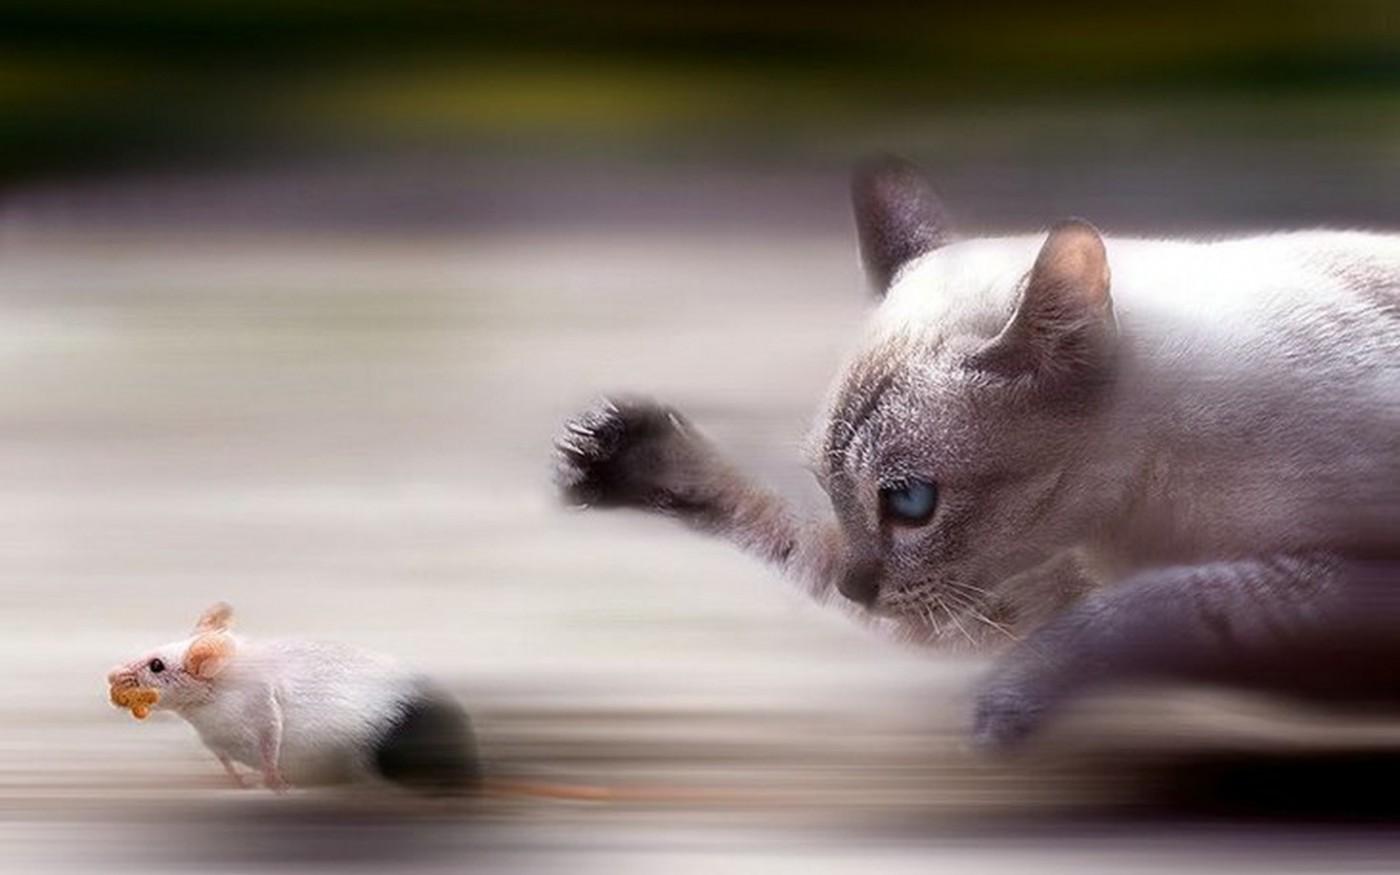 pisica-alearga-dupa-soarece